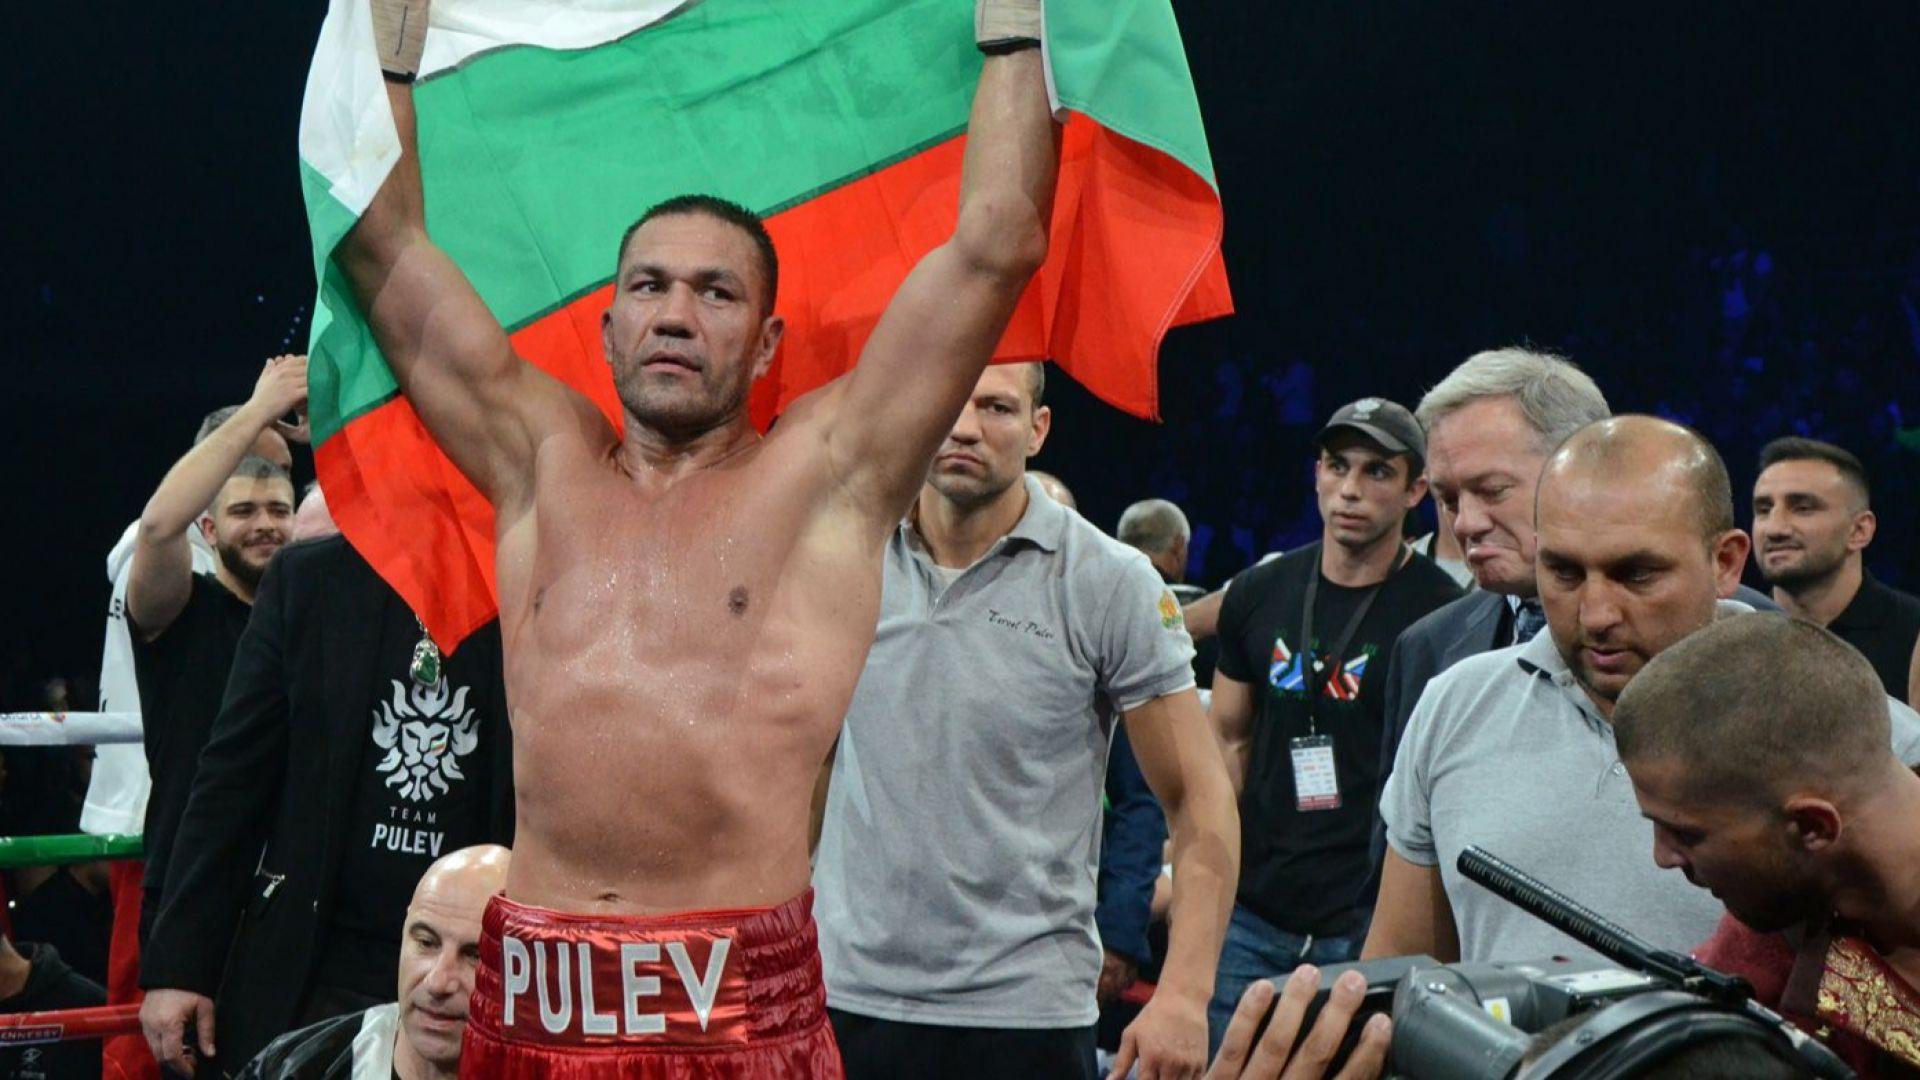 Официално: Ще има публика на мача за титлата между Джошуа и Пулев